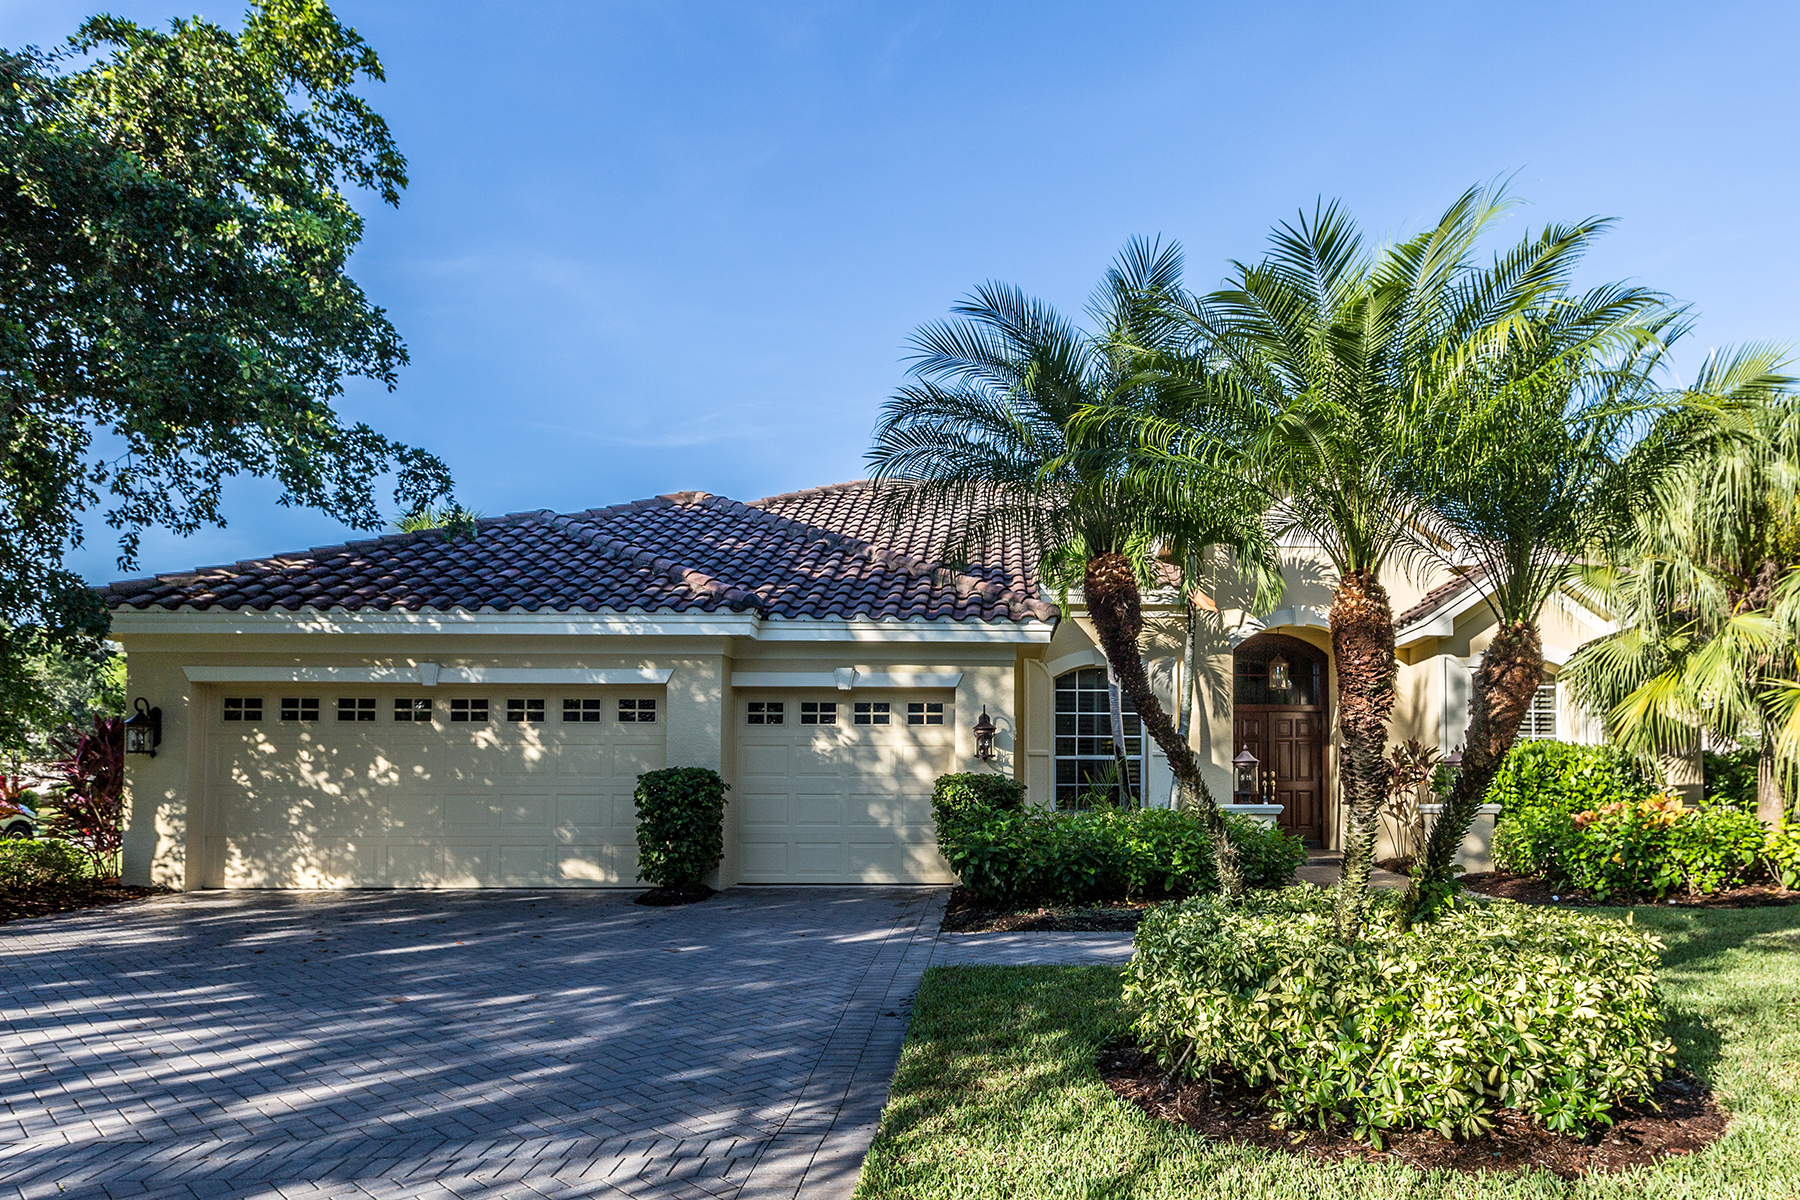 Tek Ailelik Ev için Satış at FIDDLER'S CREEK - MULBERRY ROW 7661 Mulberry Ln Naples, Florida, 34114 Amerika Birleşik Devletleri